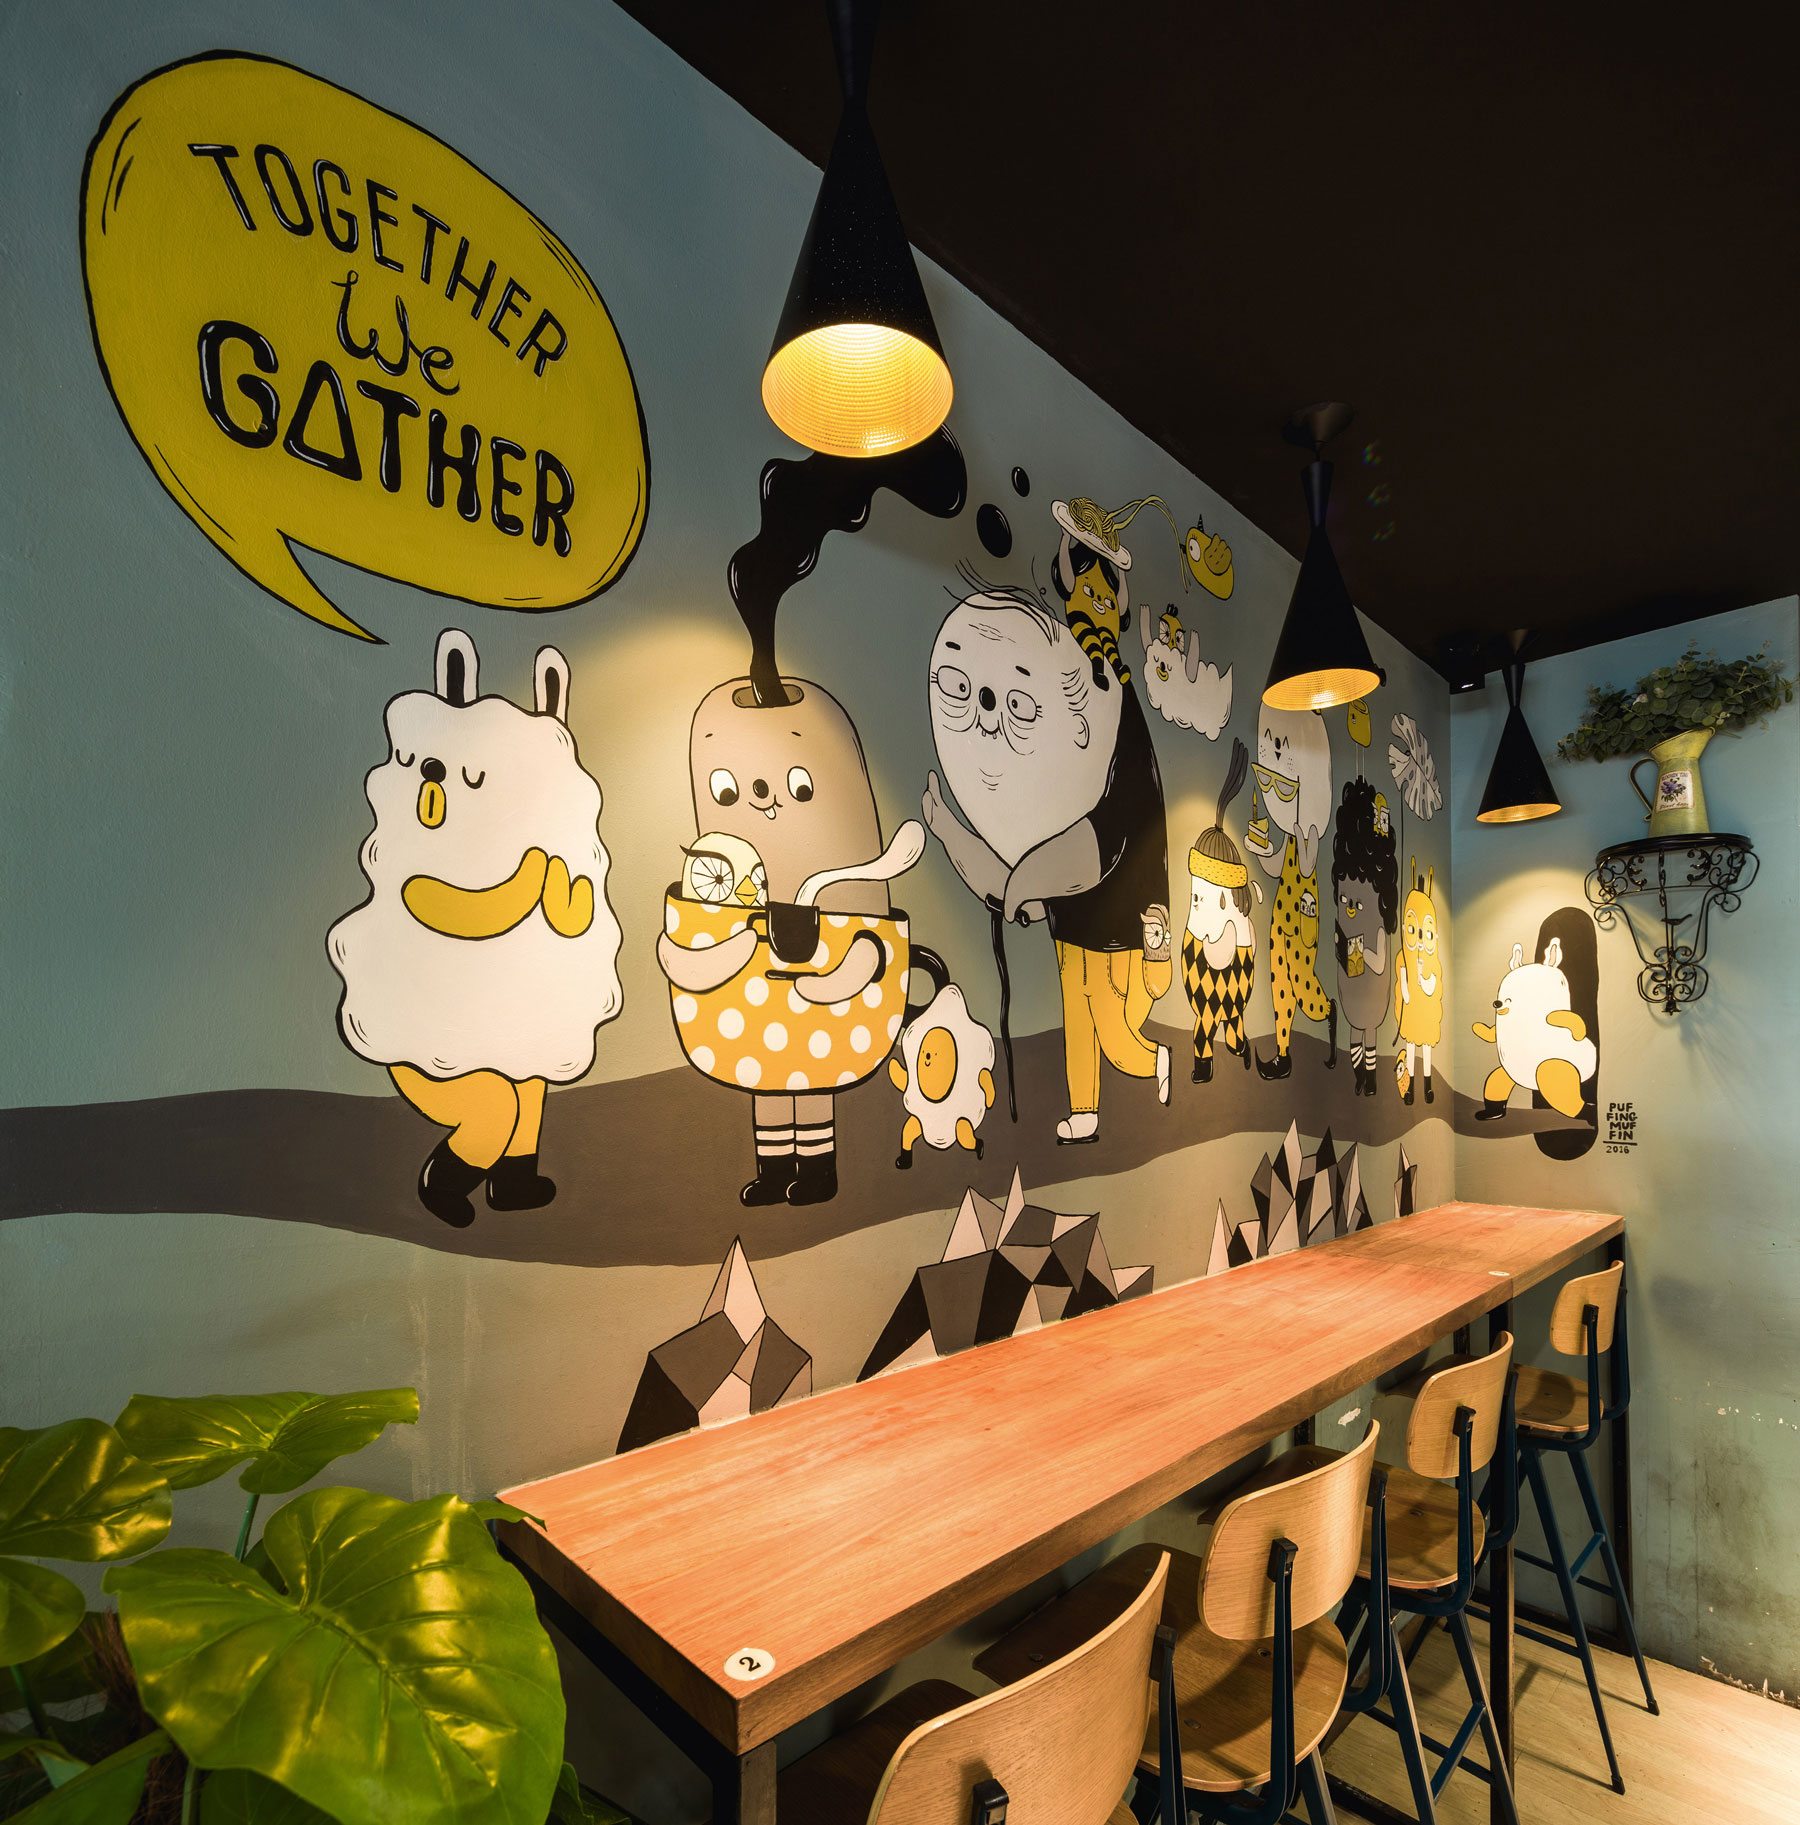 Togather-Cafe-PFMF-01_web.jpg